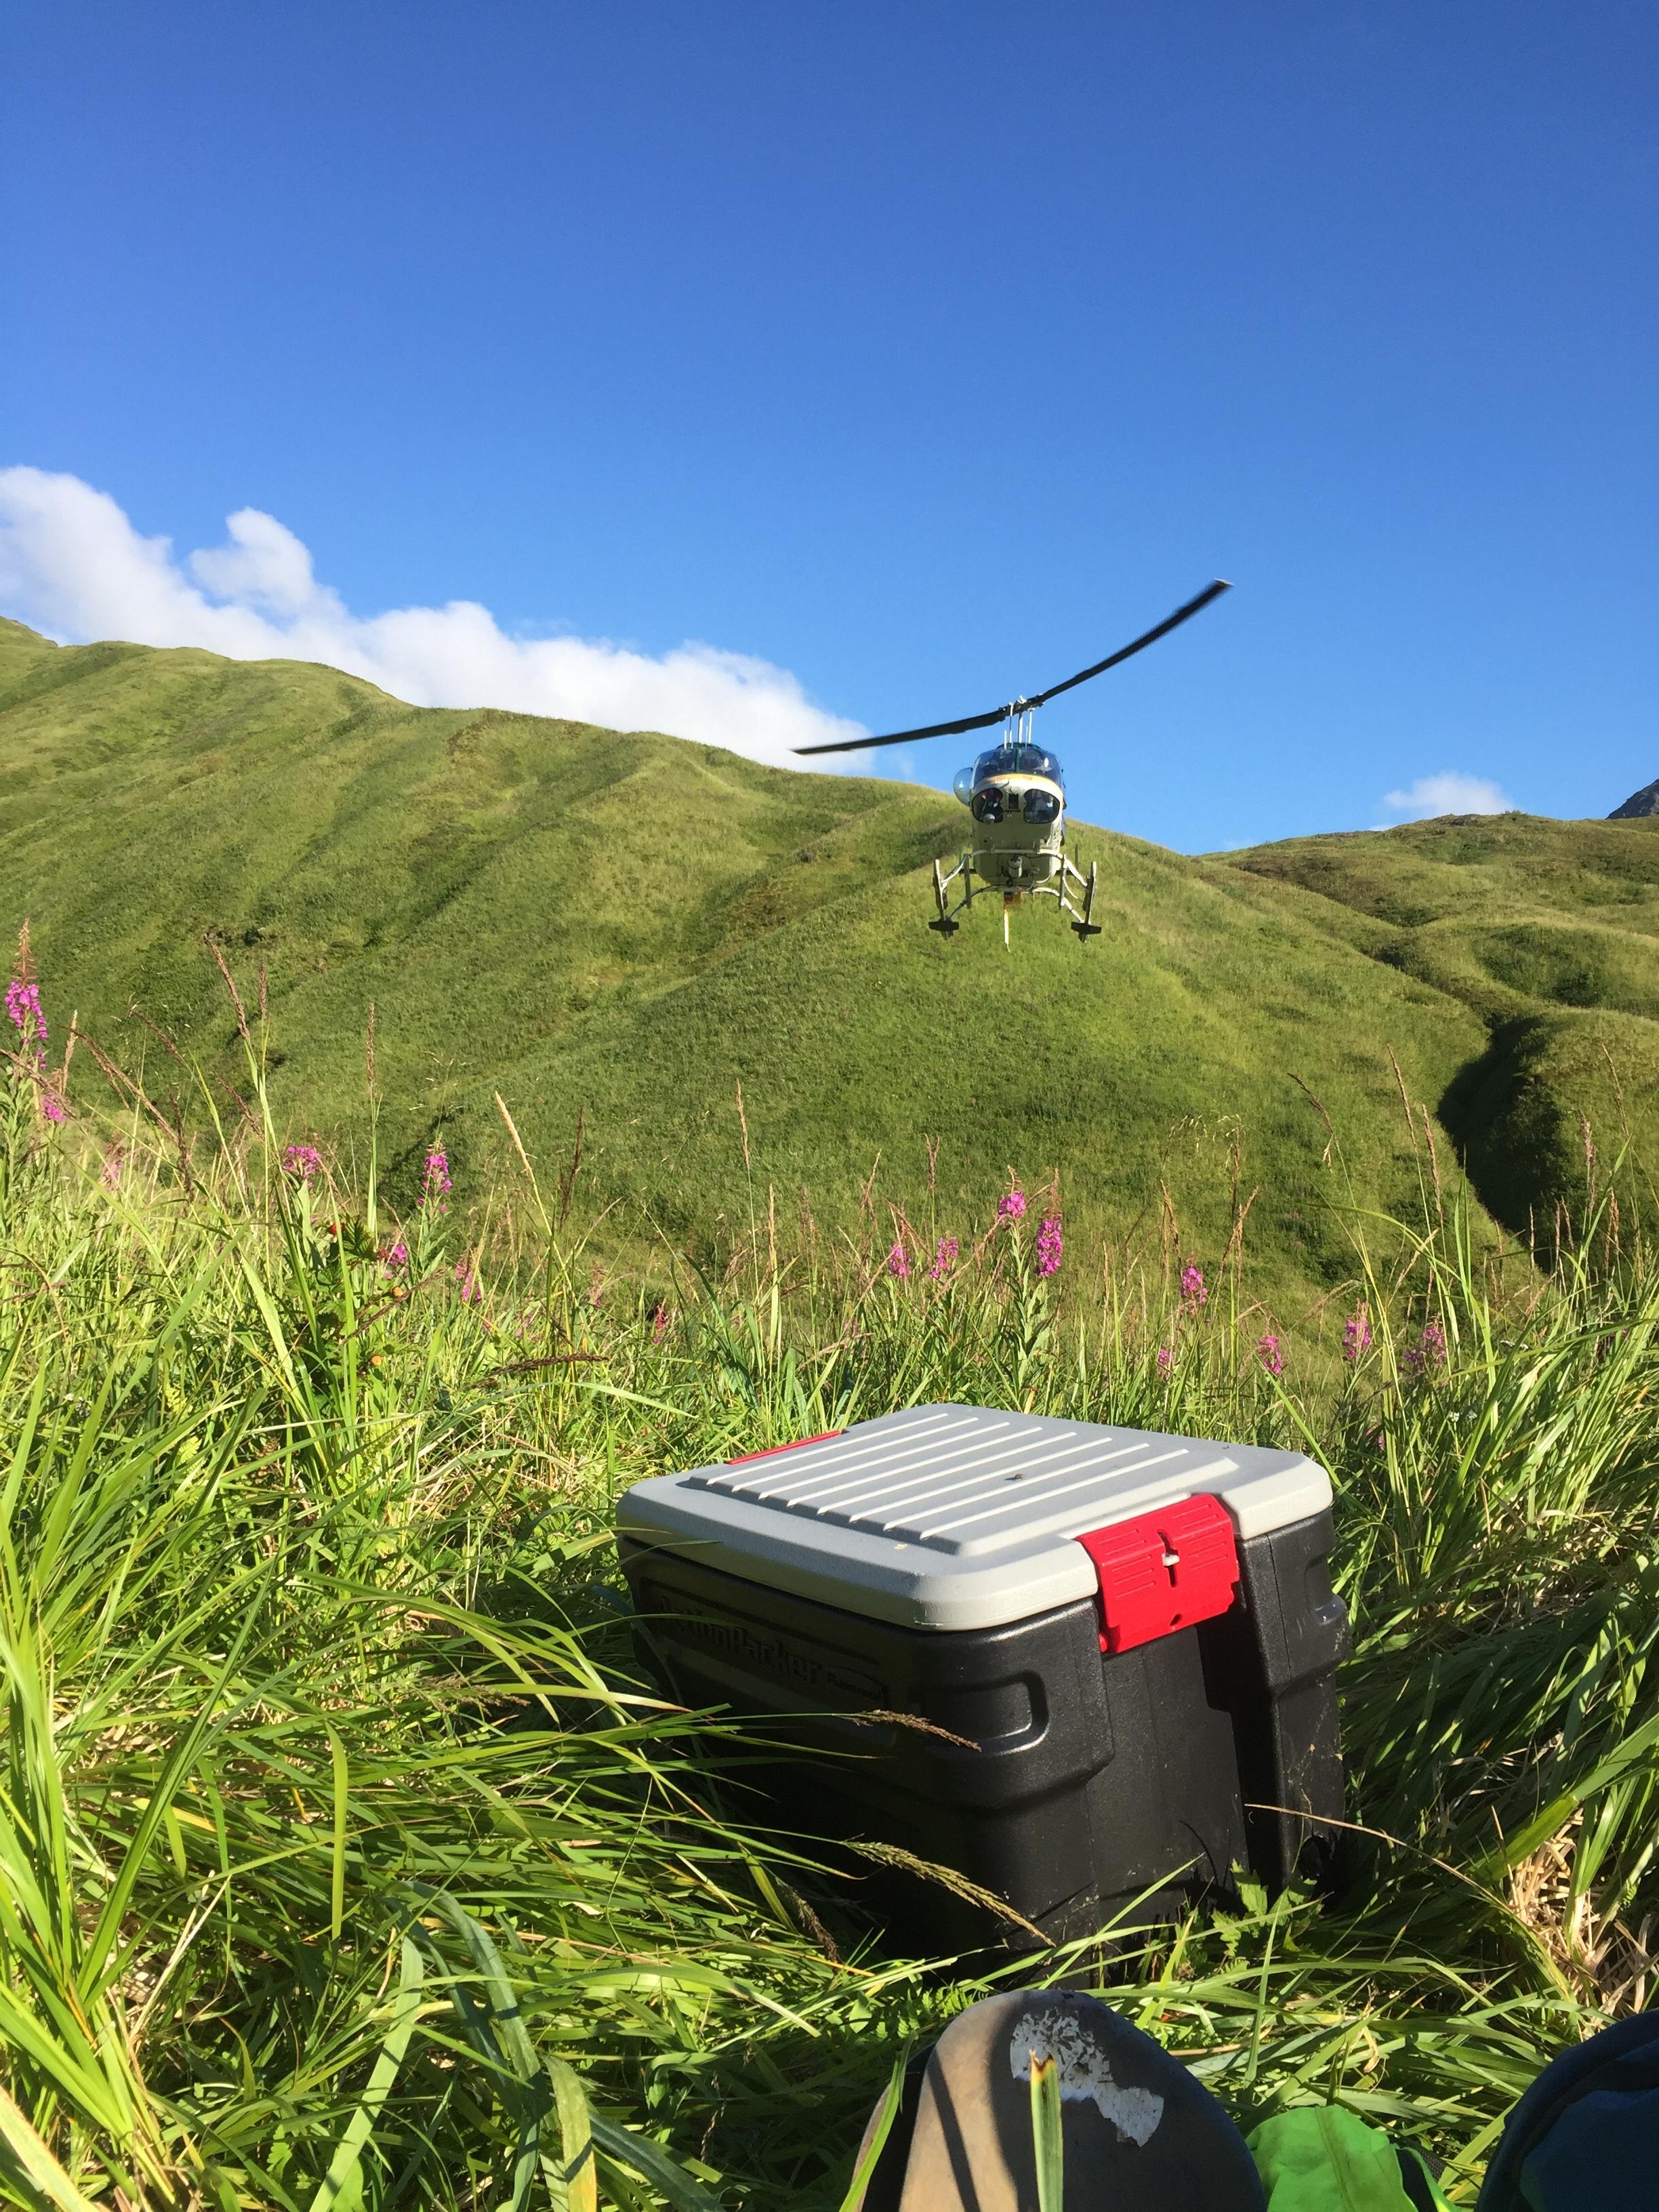 Unalaska Island, AK, USA - Seismic array retrieval  - July 2016